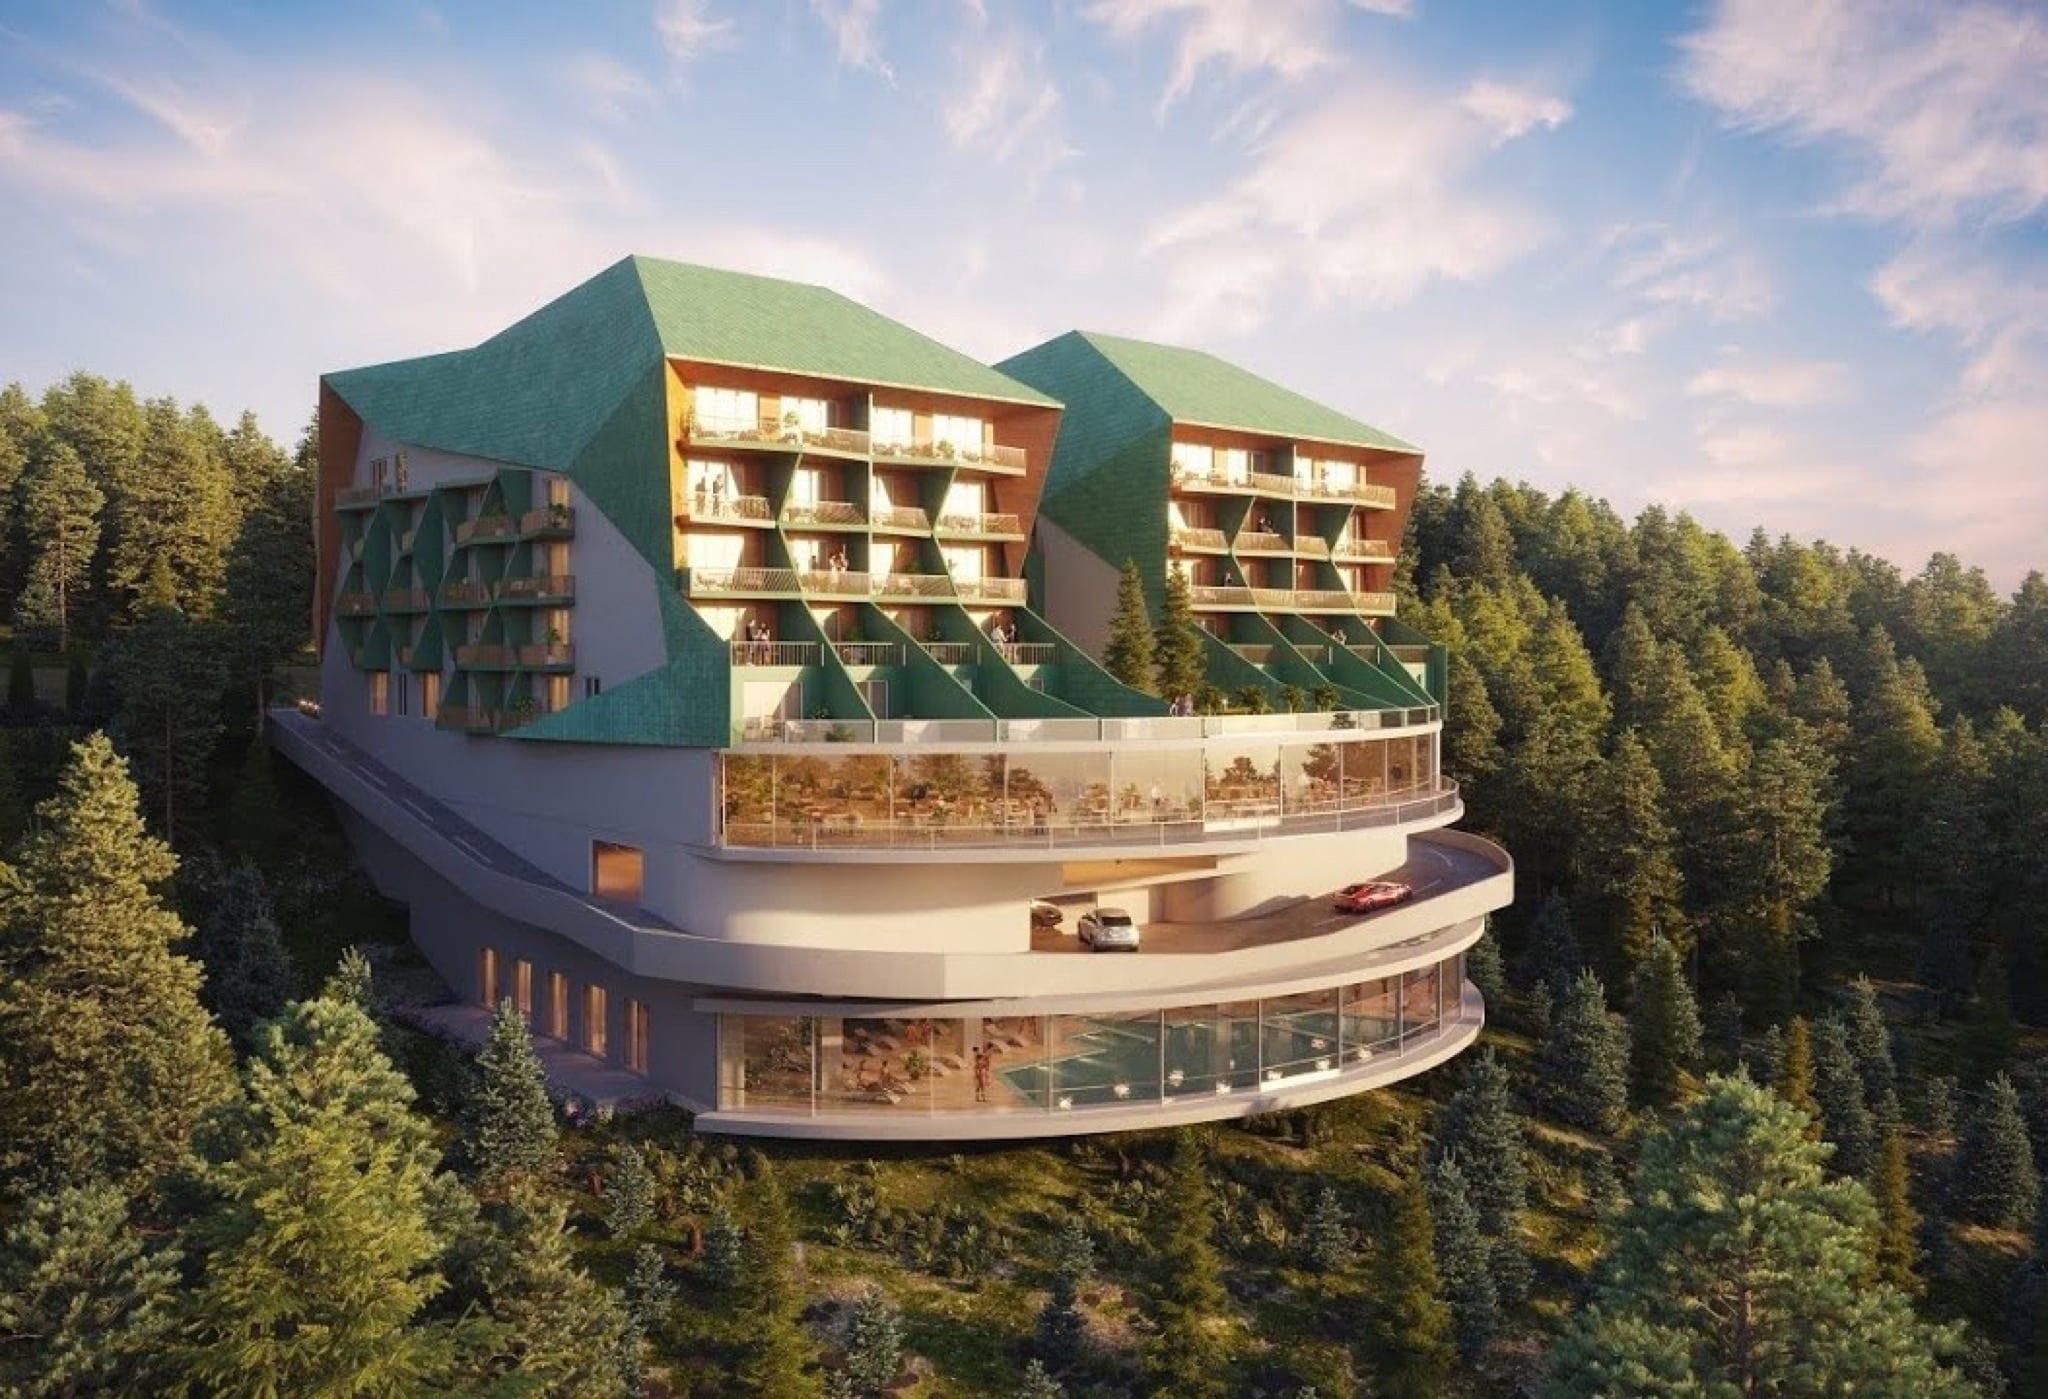 Proiecte inedite 3 copy - Apartamentele de vacanță: investiție relaxantă